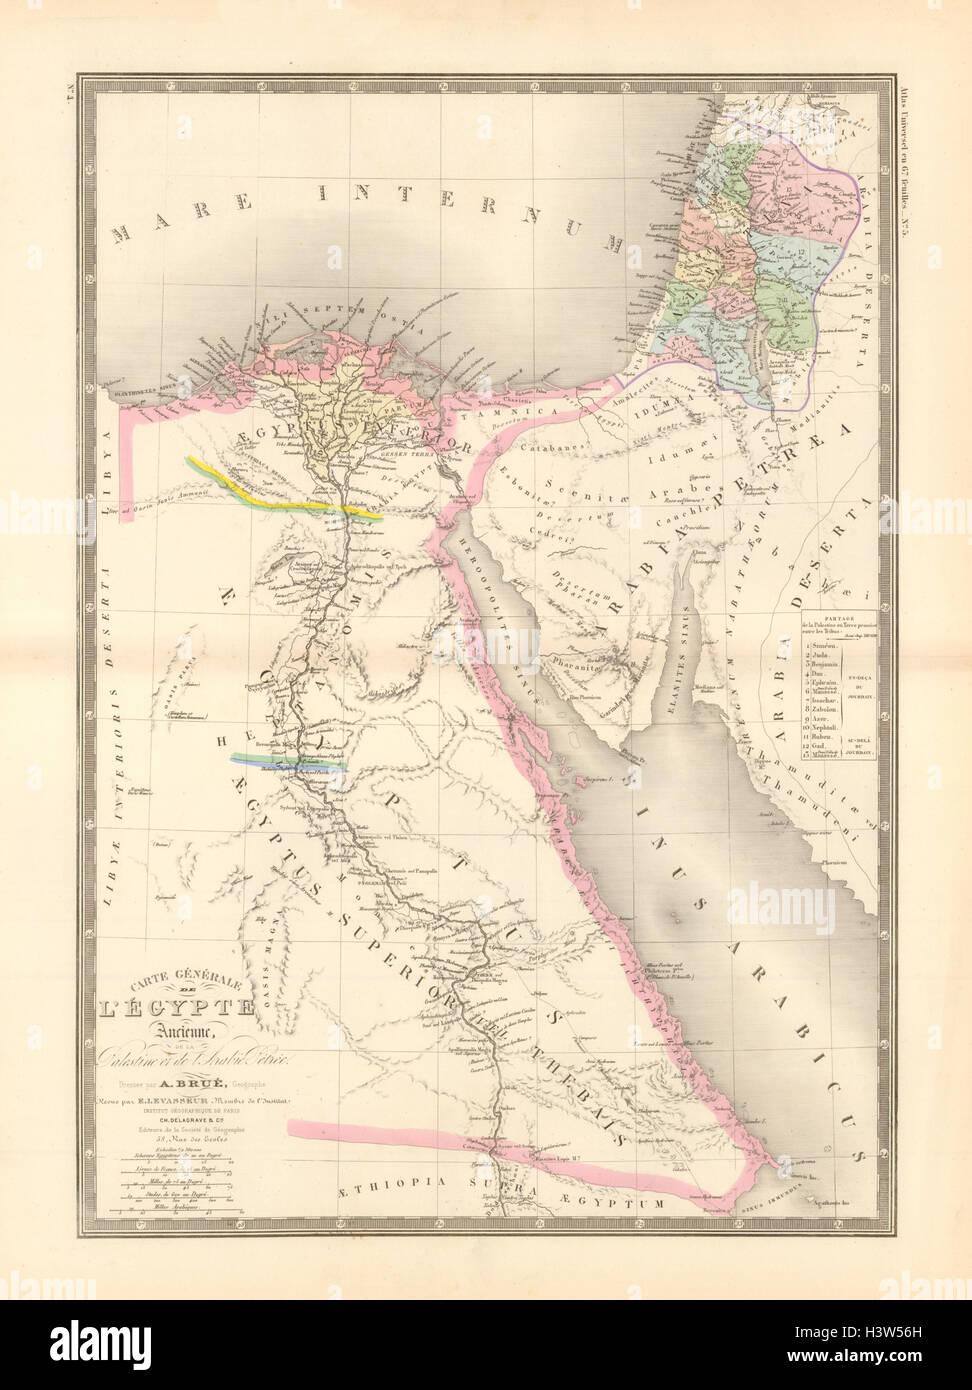 'Égypte Ancienne de la Palestine et de l'Arabie Petrée'. Brué. Egypt 1875 map - Stock Image